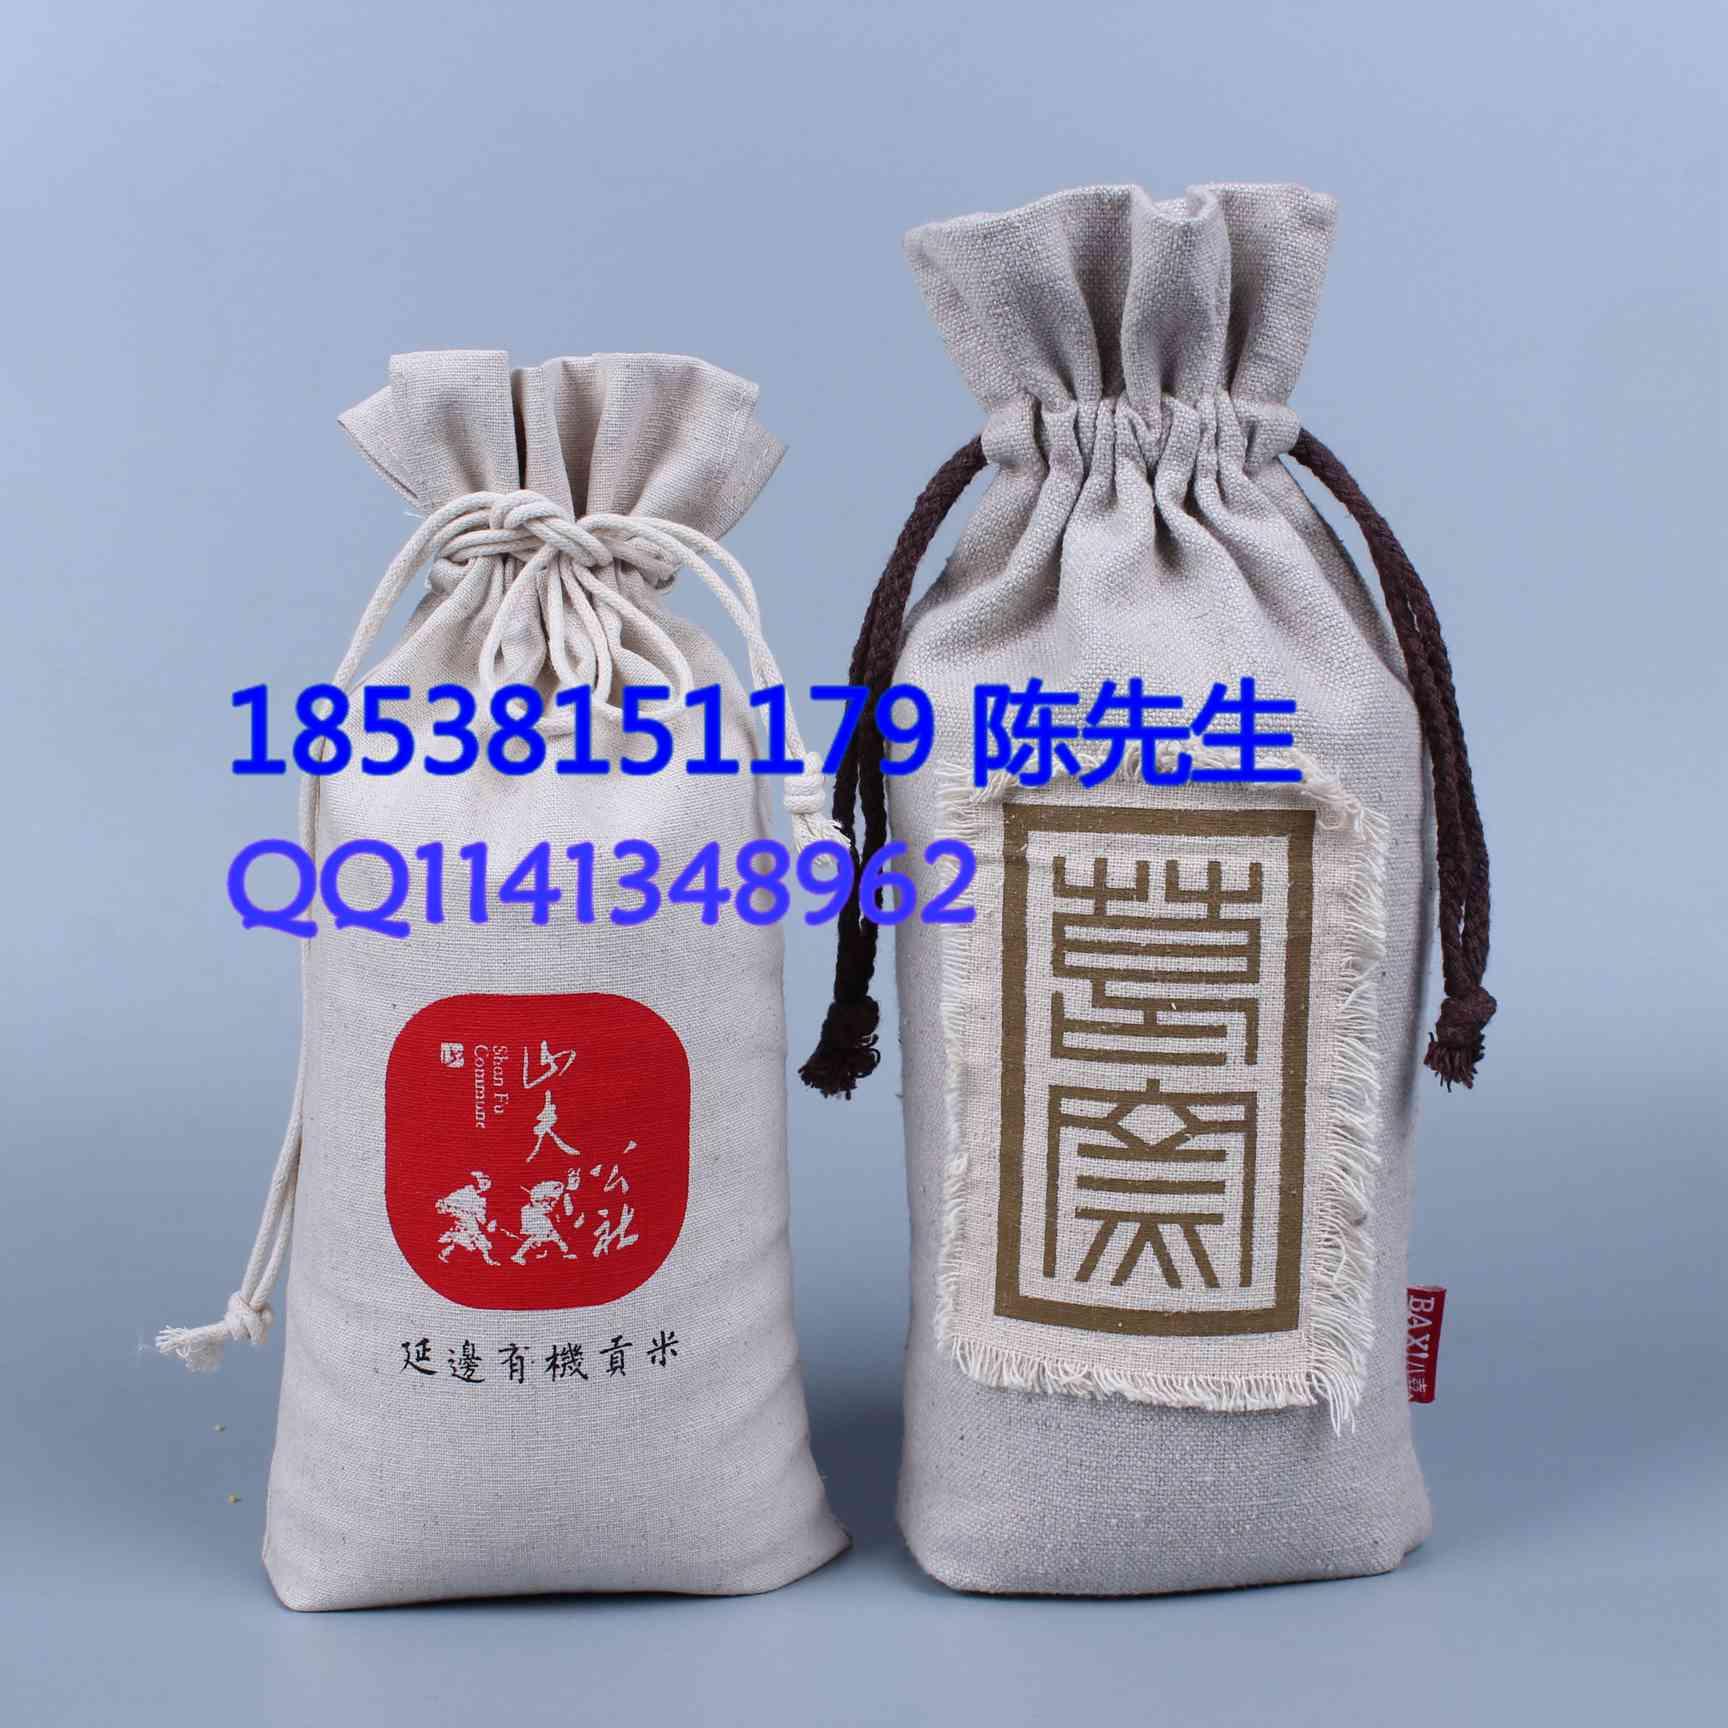 新闻:购物袋生产山药袋定做火腿肠宣传袋图片